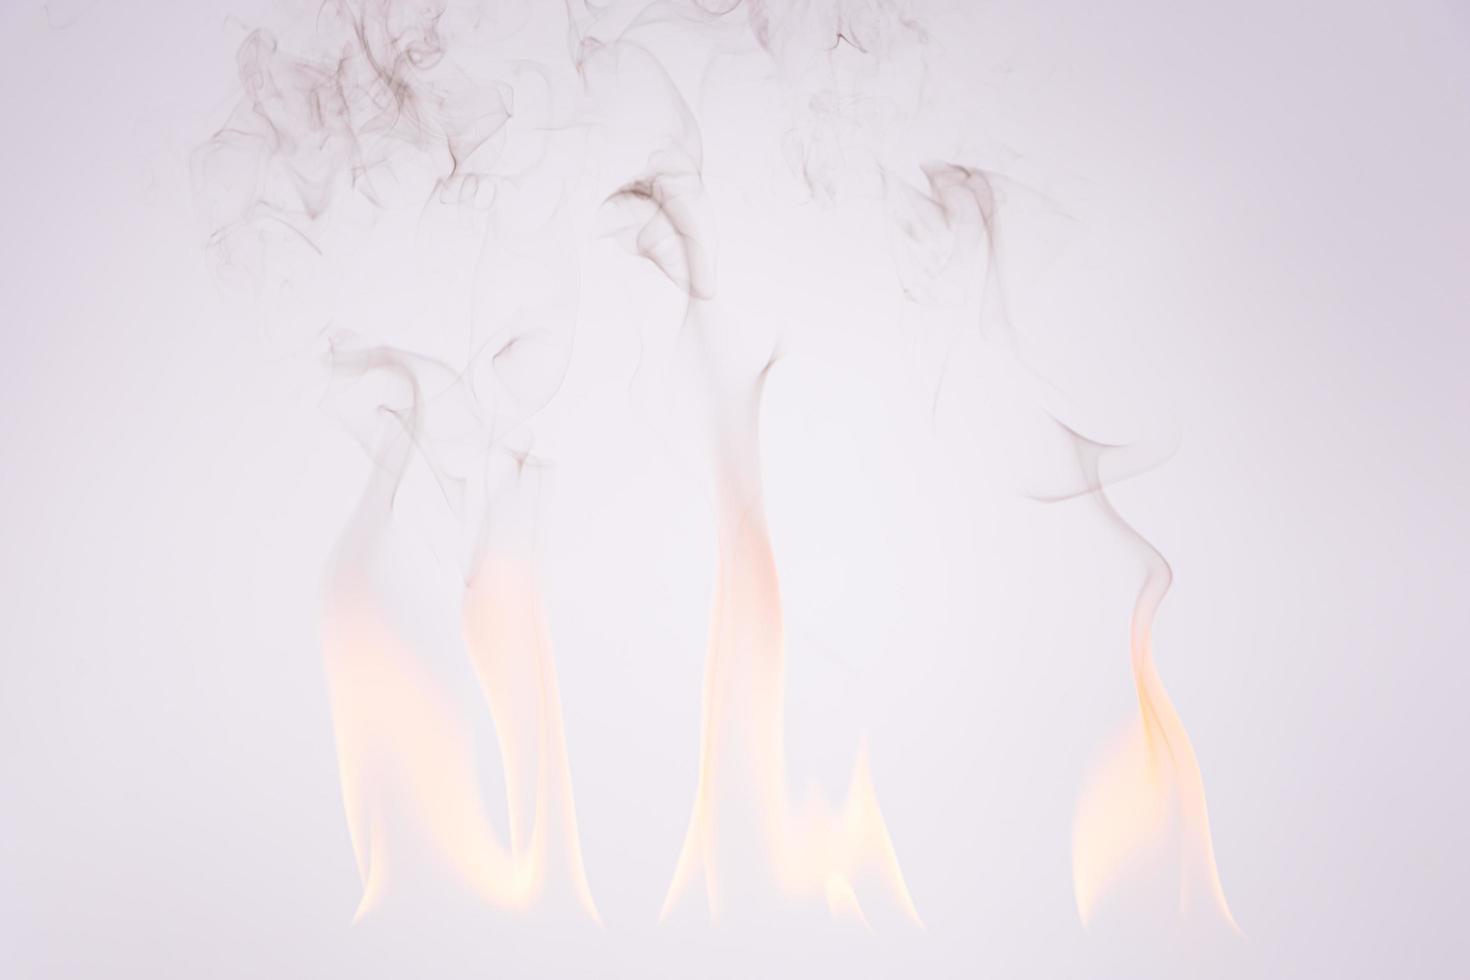 Feuer und Rauch auf weißem Hintergrund foto